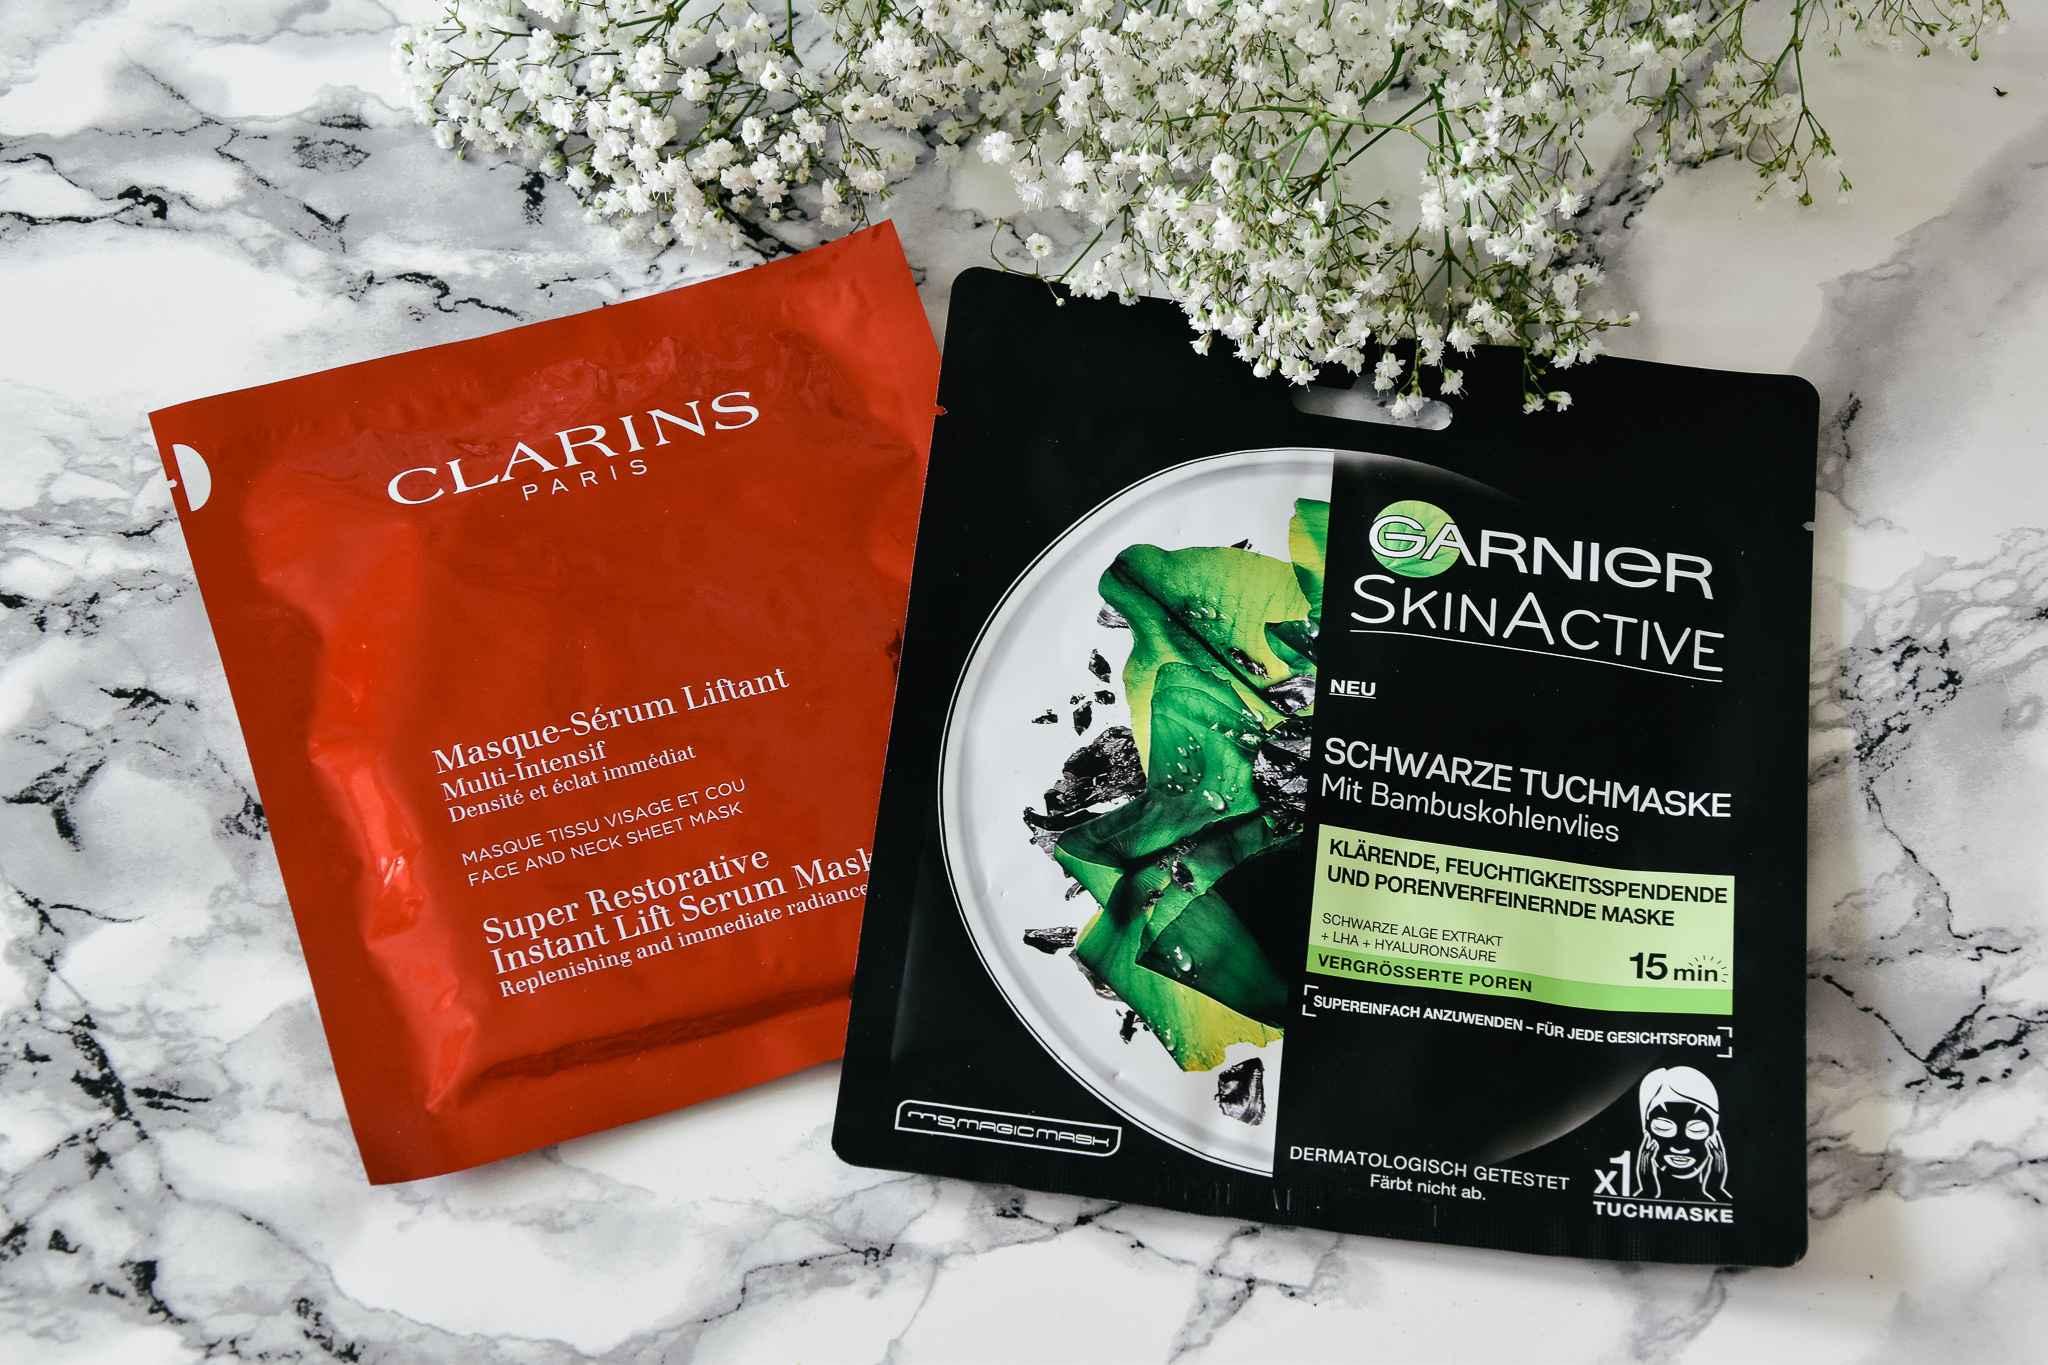 Garnier schwarze Tuchmaske Clarins Instant Lift serum Maske